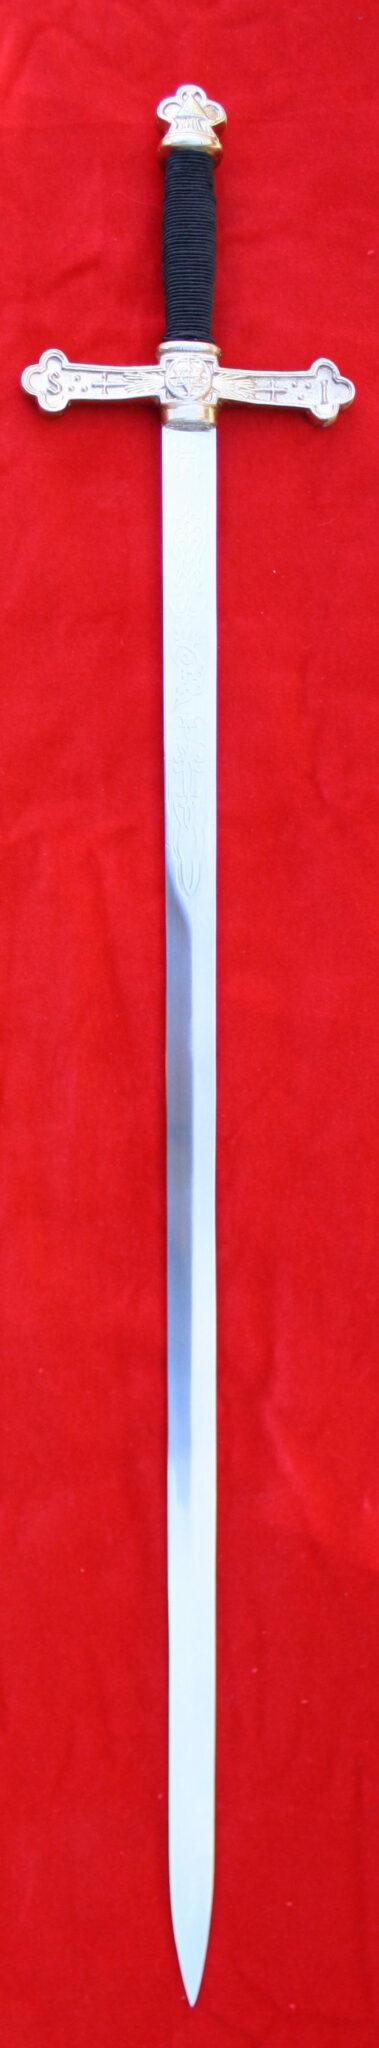 épée martiniste magie rituel papus theurgie